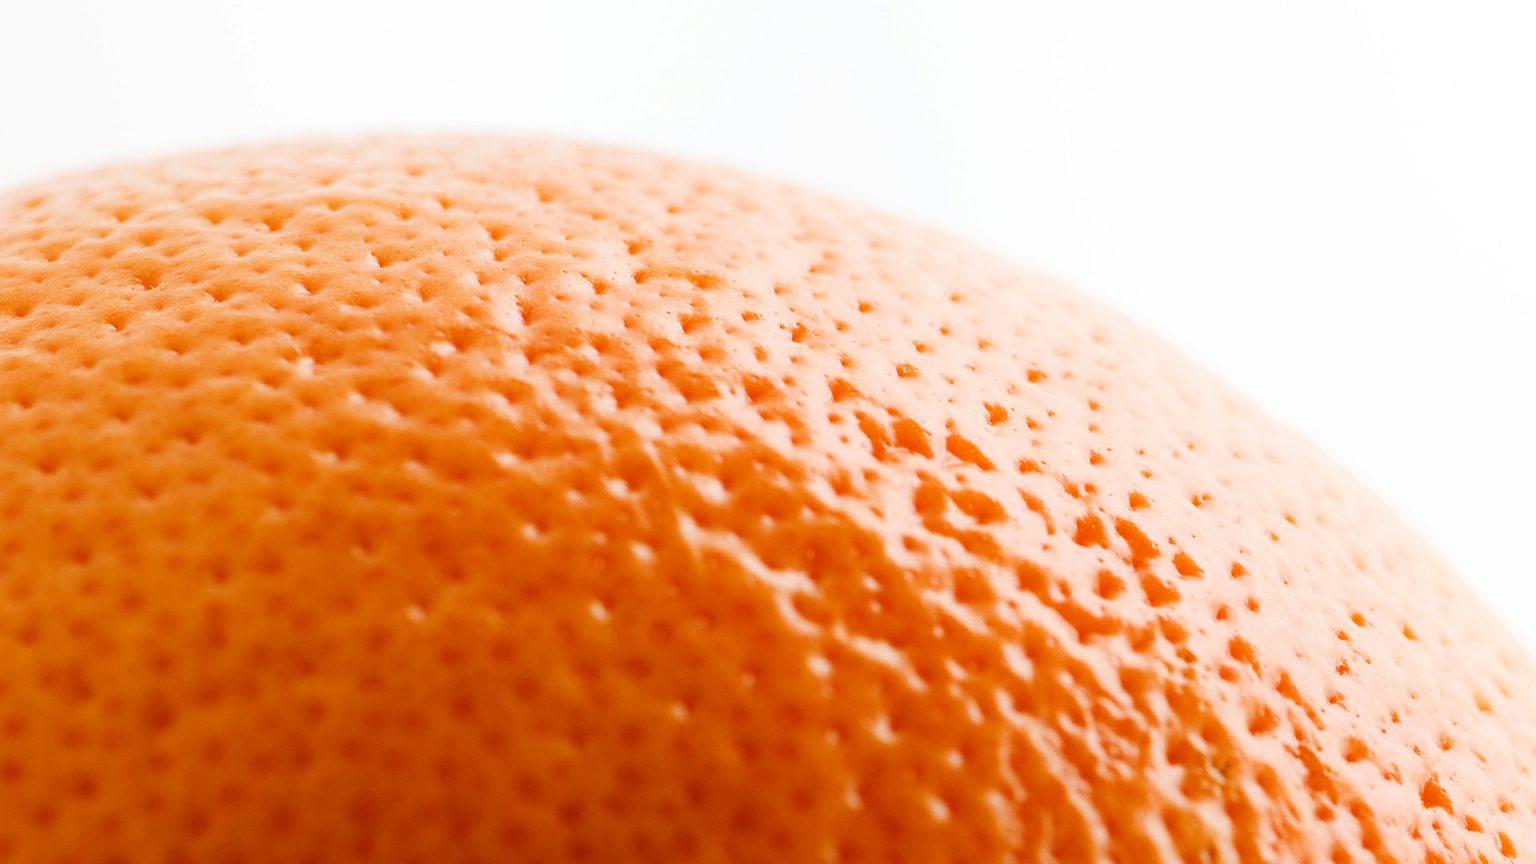 Lỗ chân lông to khiến da sần sùi như vỏ cam